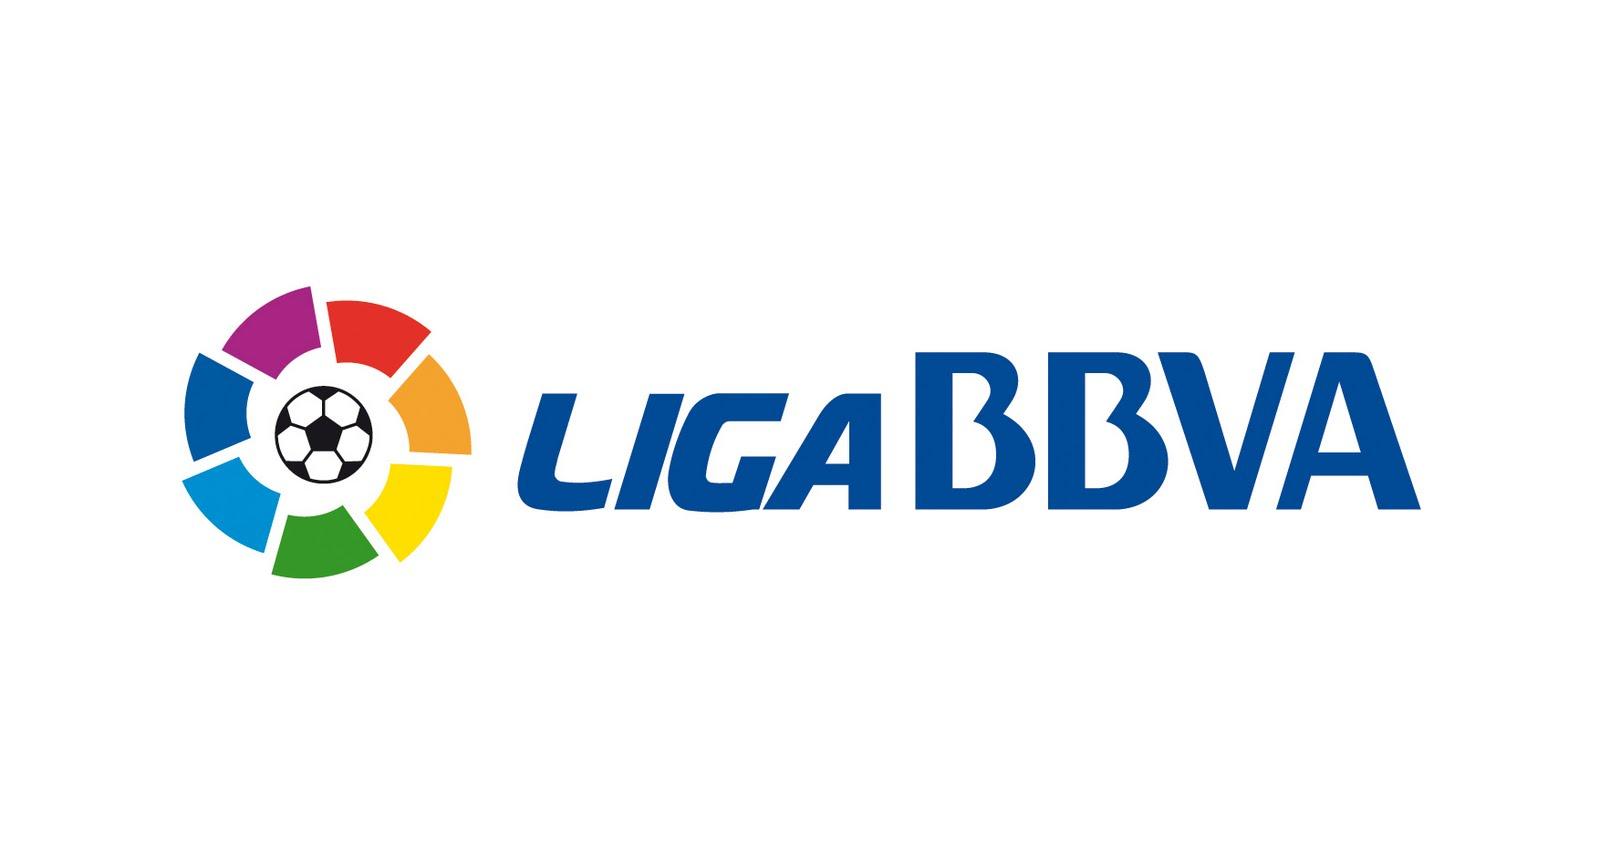 logo-liga-bbva-espagne